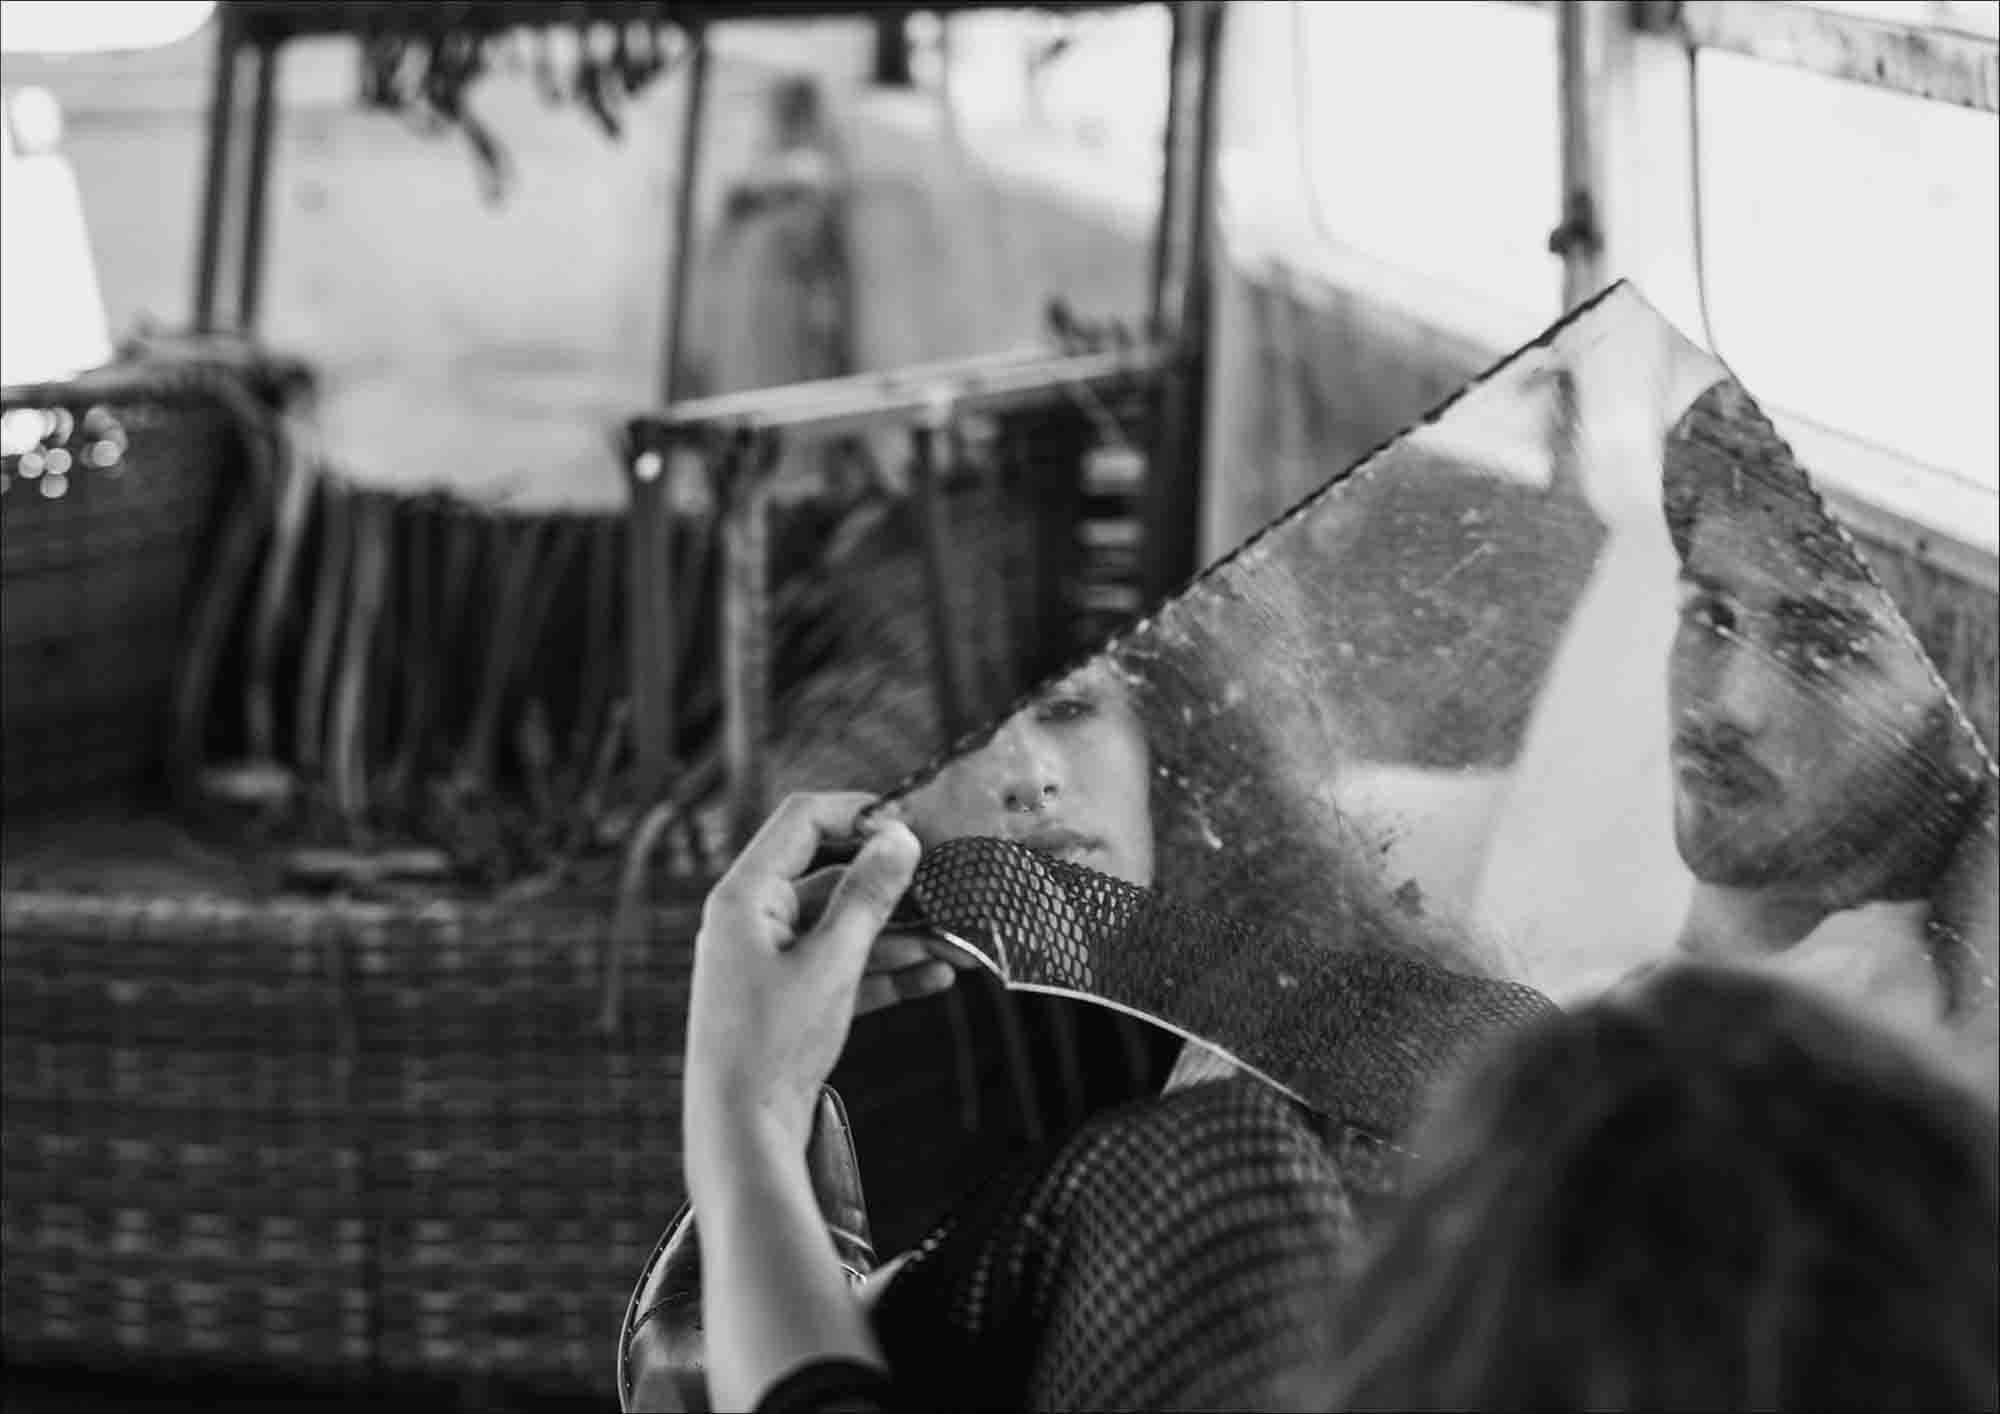 חדשות אופנה, כתבות אופנה, טרנדים, מגזין אופנה, אופנה, Fashion Academy: צילום והפקה: עופרה רון מזור, סטיילינג: ג׳ני טסלר, עיצוב שיער ואיפור: רביד פלג, עוזר צלם: גלעד שרם, וידאו בקסטייג: שירלי פוקס, דוגמנים: יהלי דוידוביץ, נעמה מזור, עלמה בן בסט, יובל קציר אופנה: zara, mango, ואוסף פרטי - 9